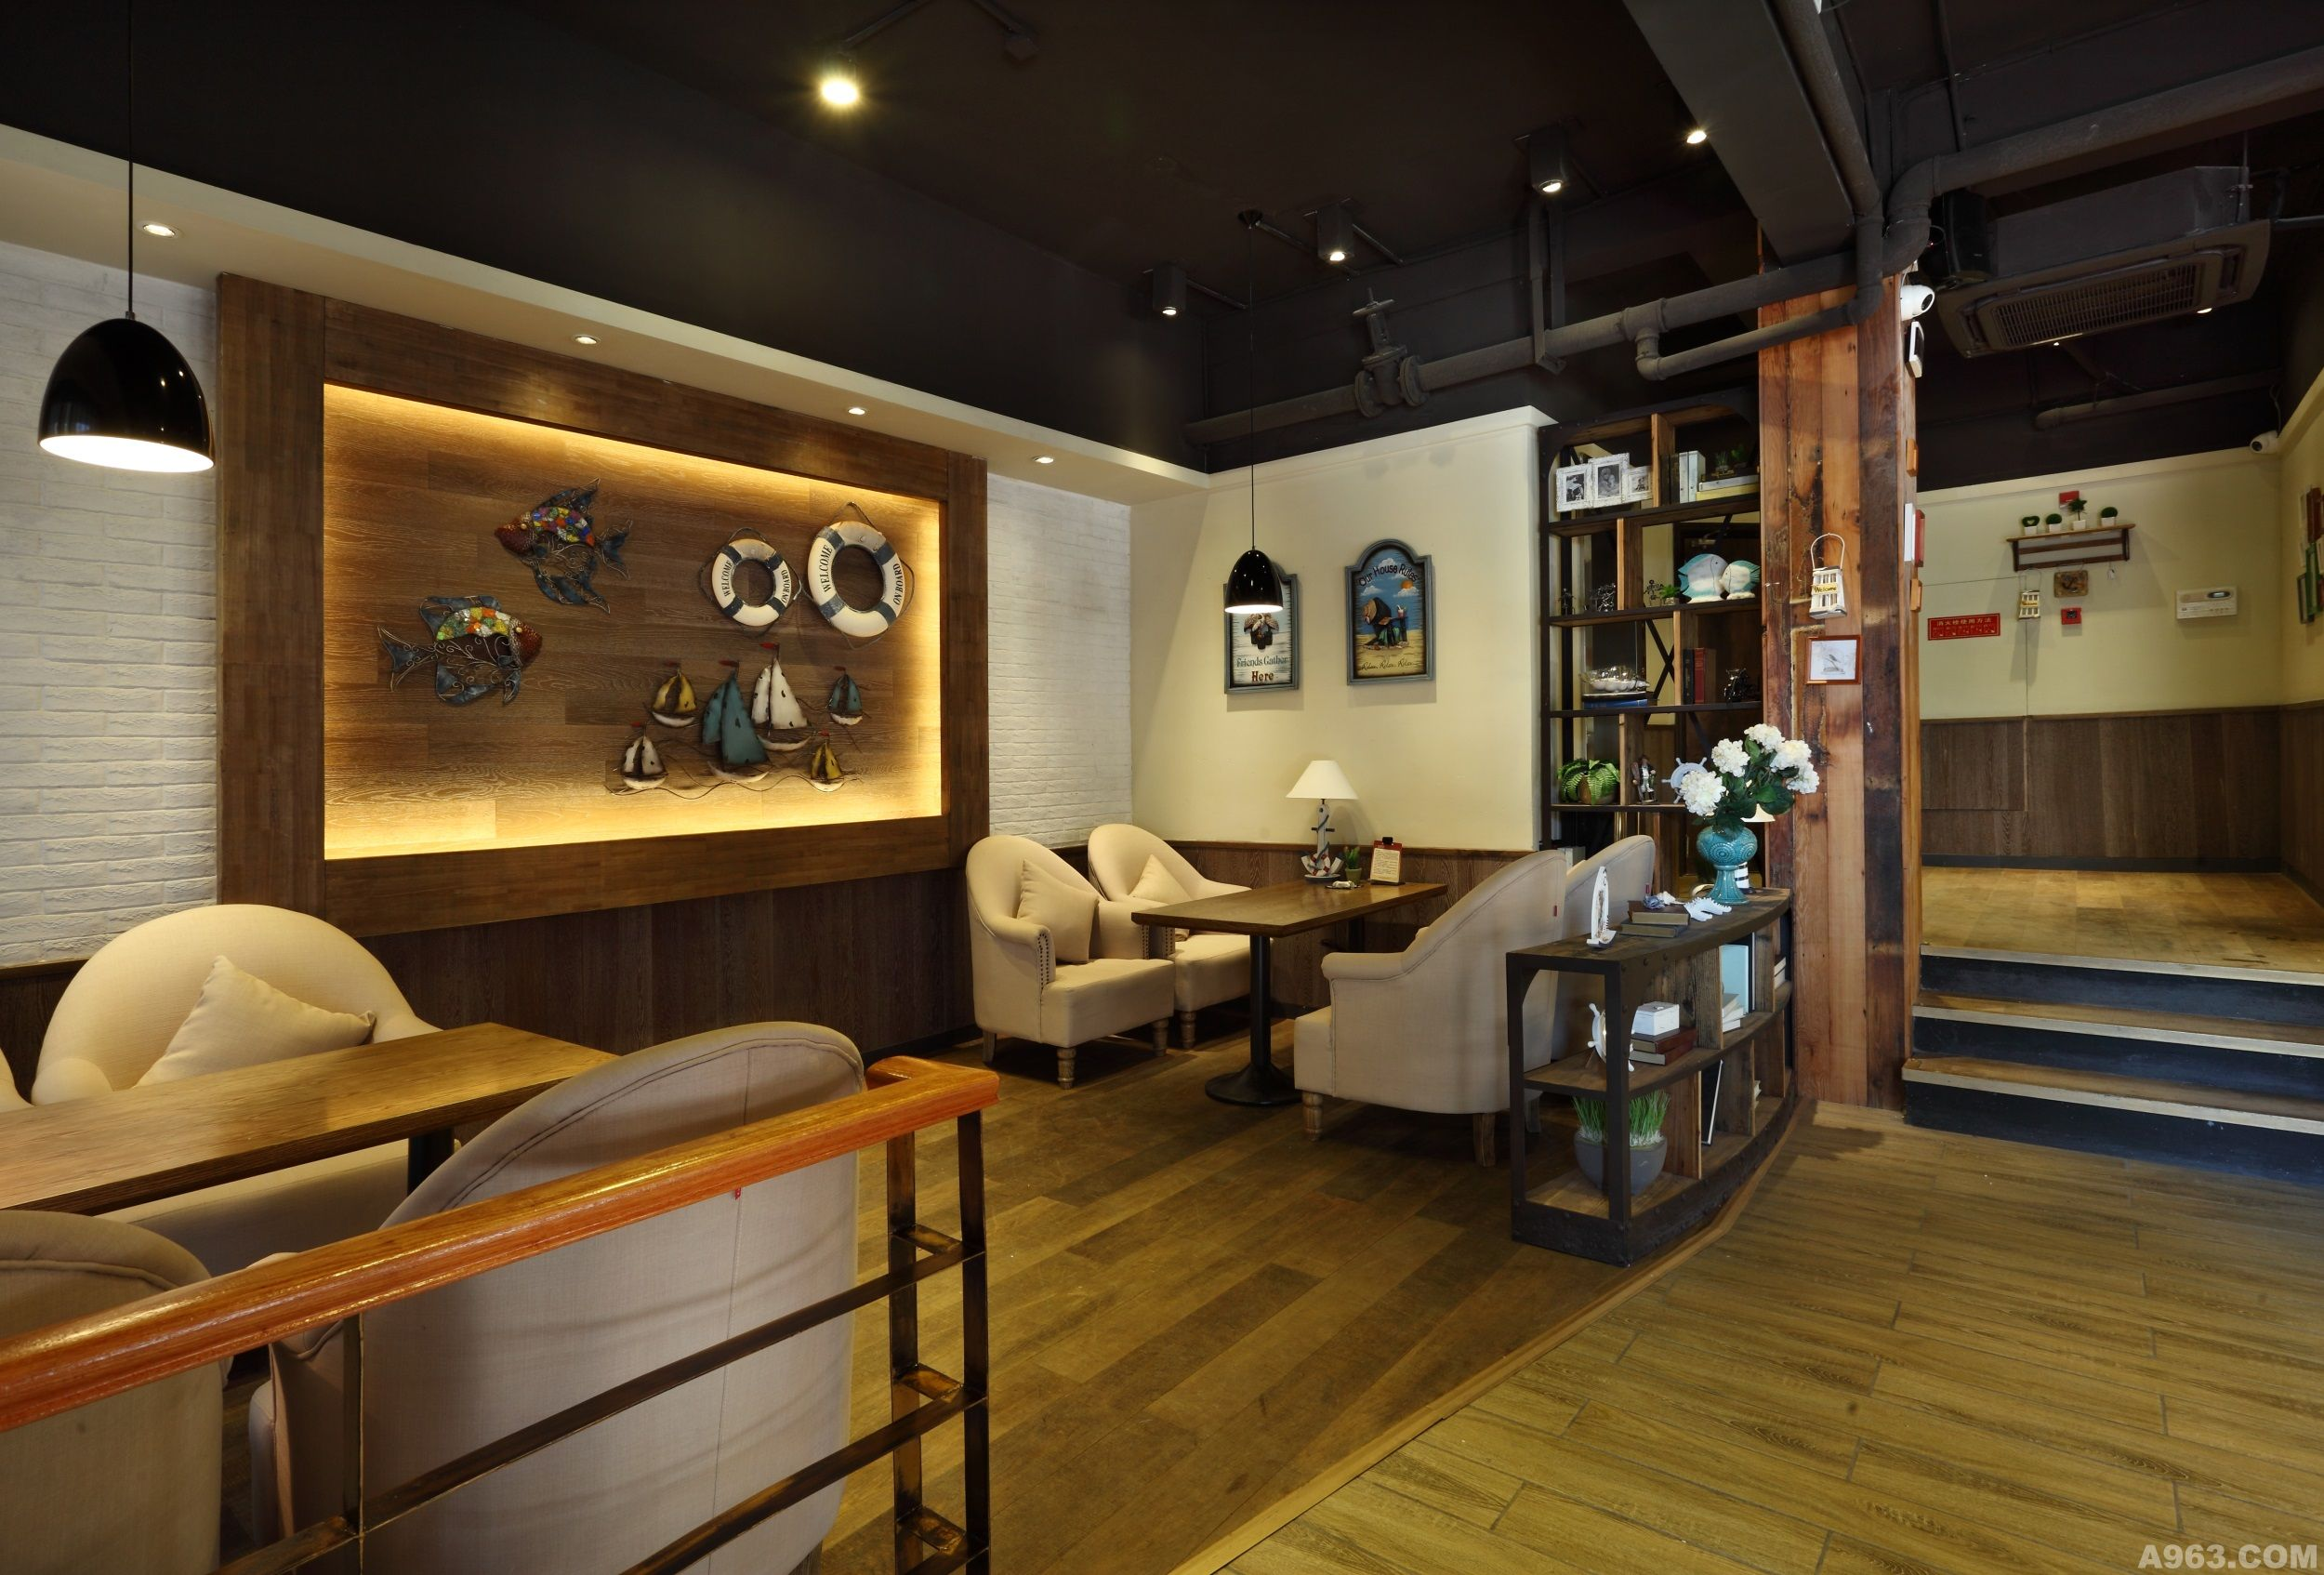 圣巴里咖啡餐厅 - 餐饮空间 - 第4页 - 卢路设计作品